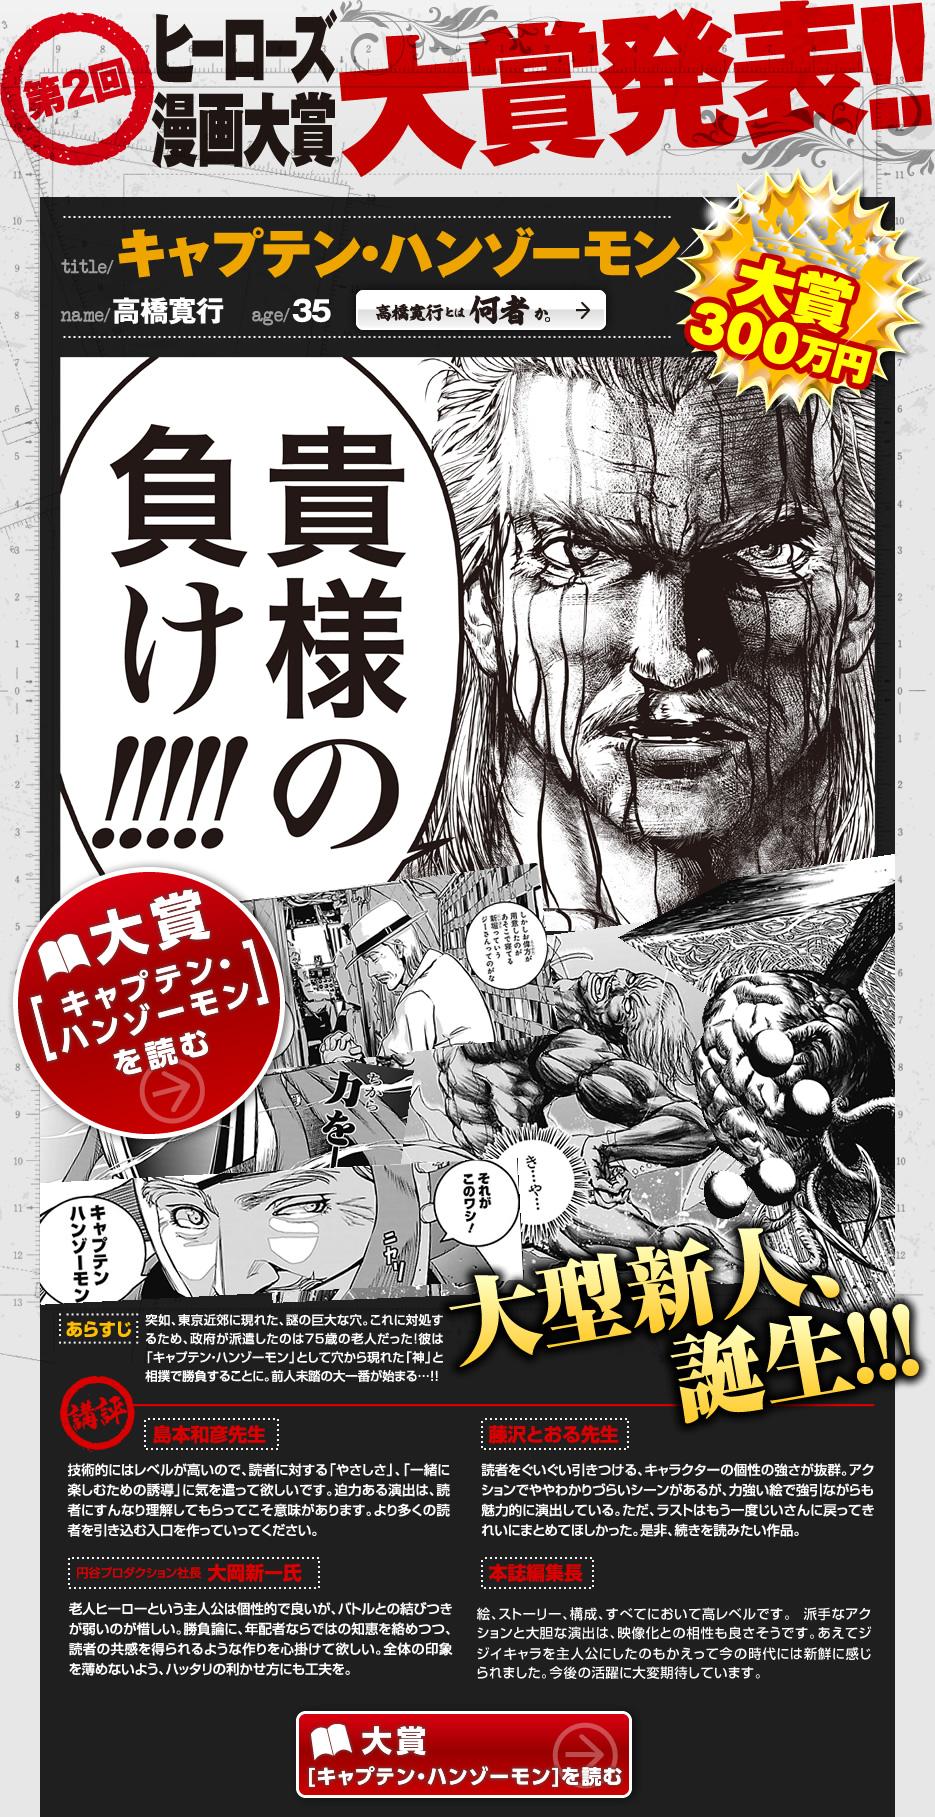 第2回ヒーローズ漫画大賞 結果発表!! 大賞受賞作品 キャプテン・ハンゾーモン